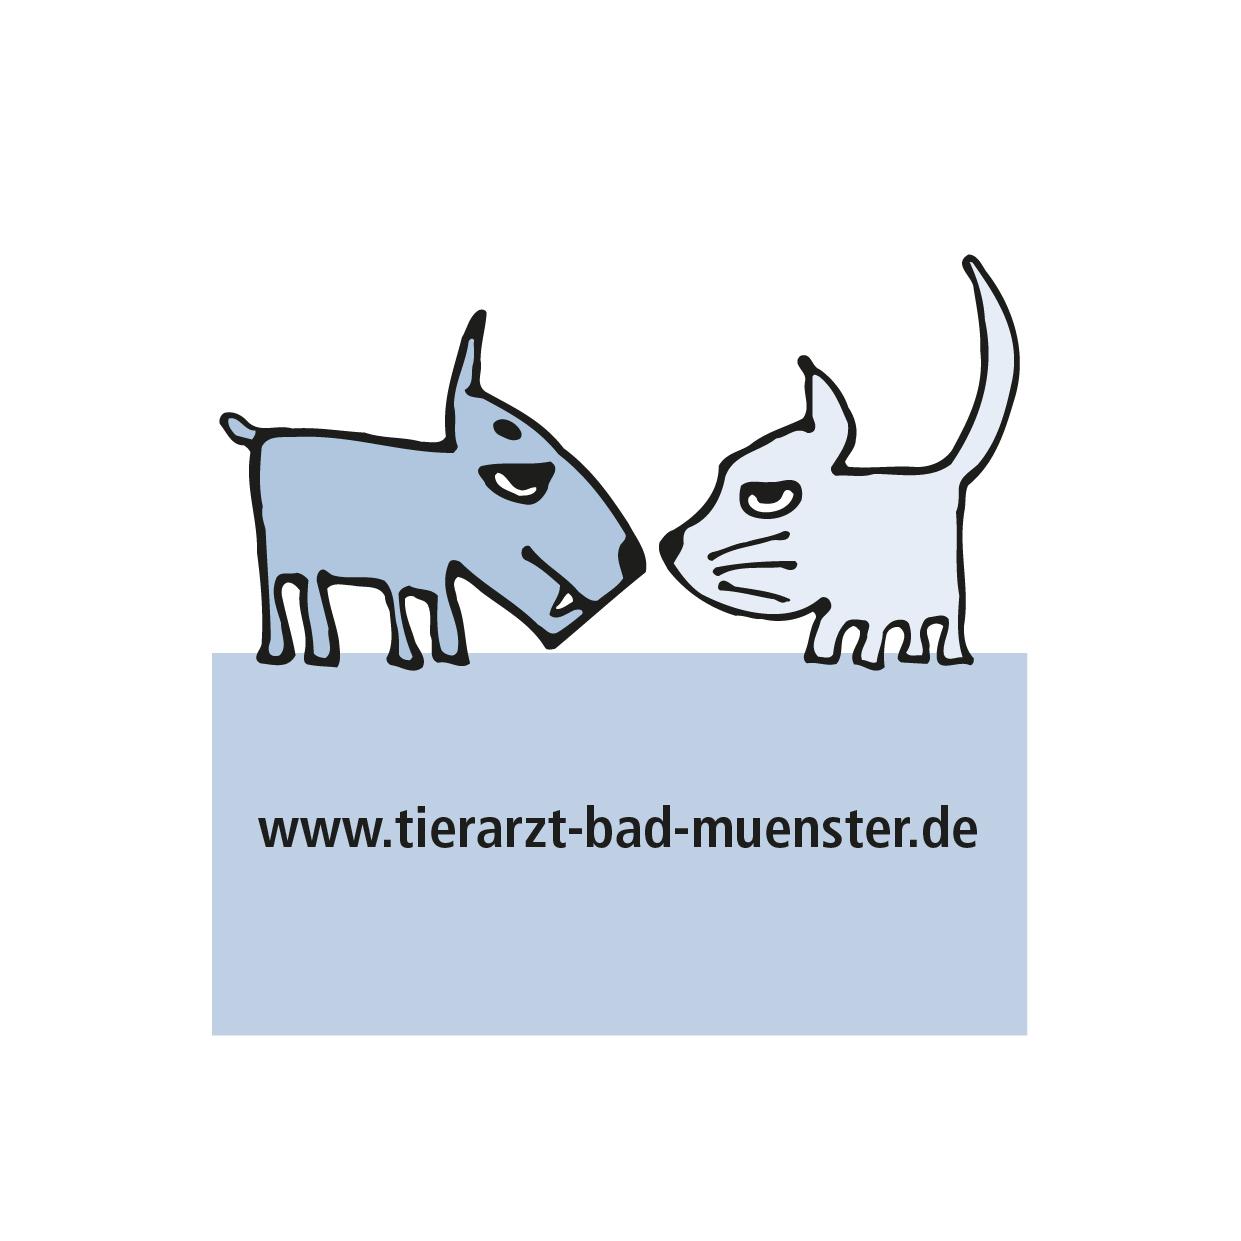 Logo_Dr_Keimer_Zeichenfläche 1.jpg